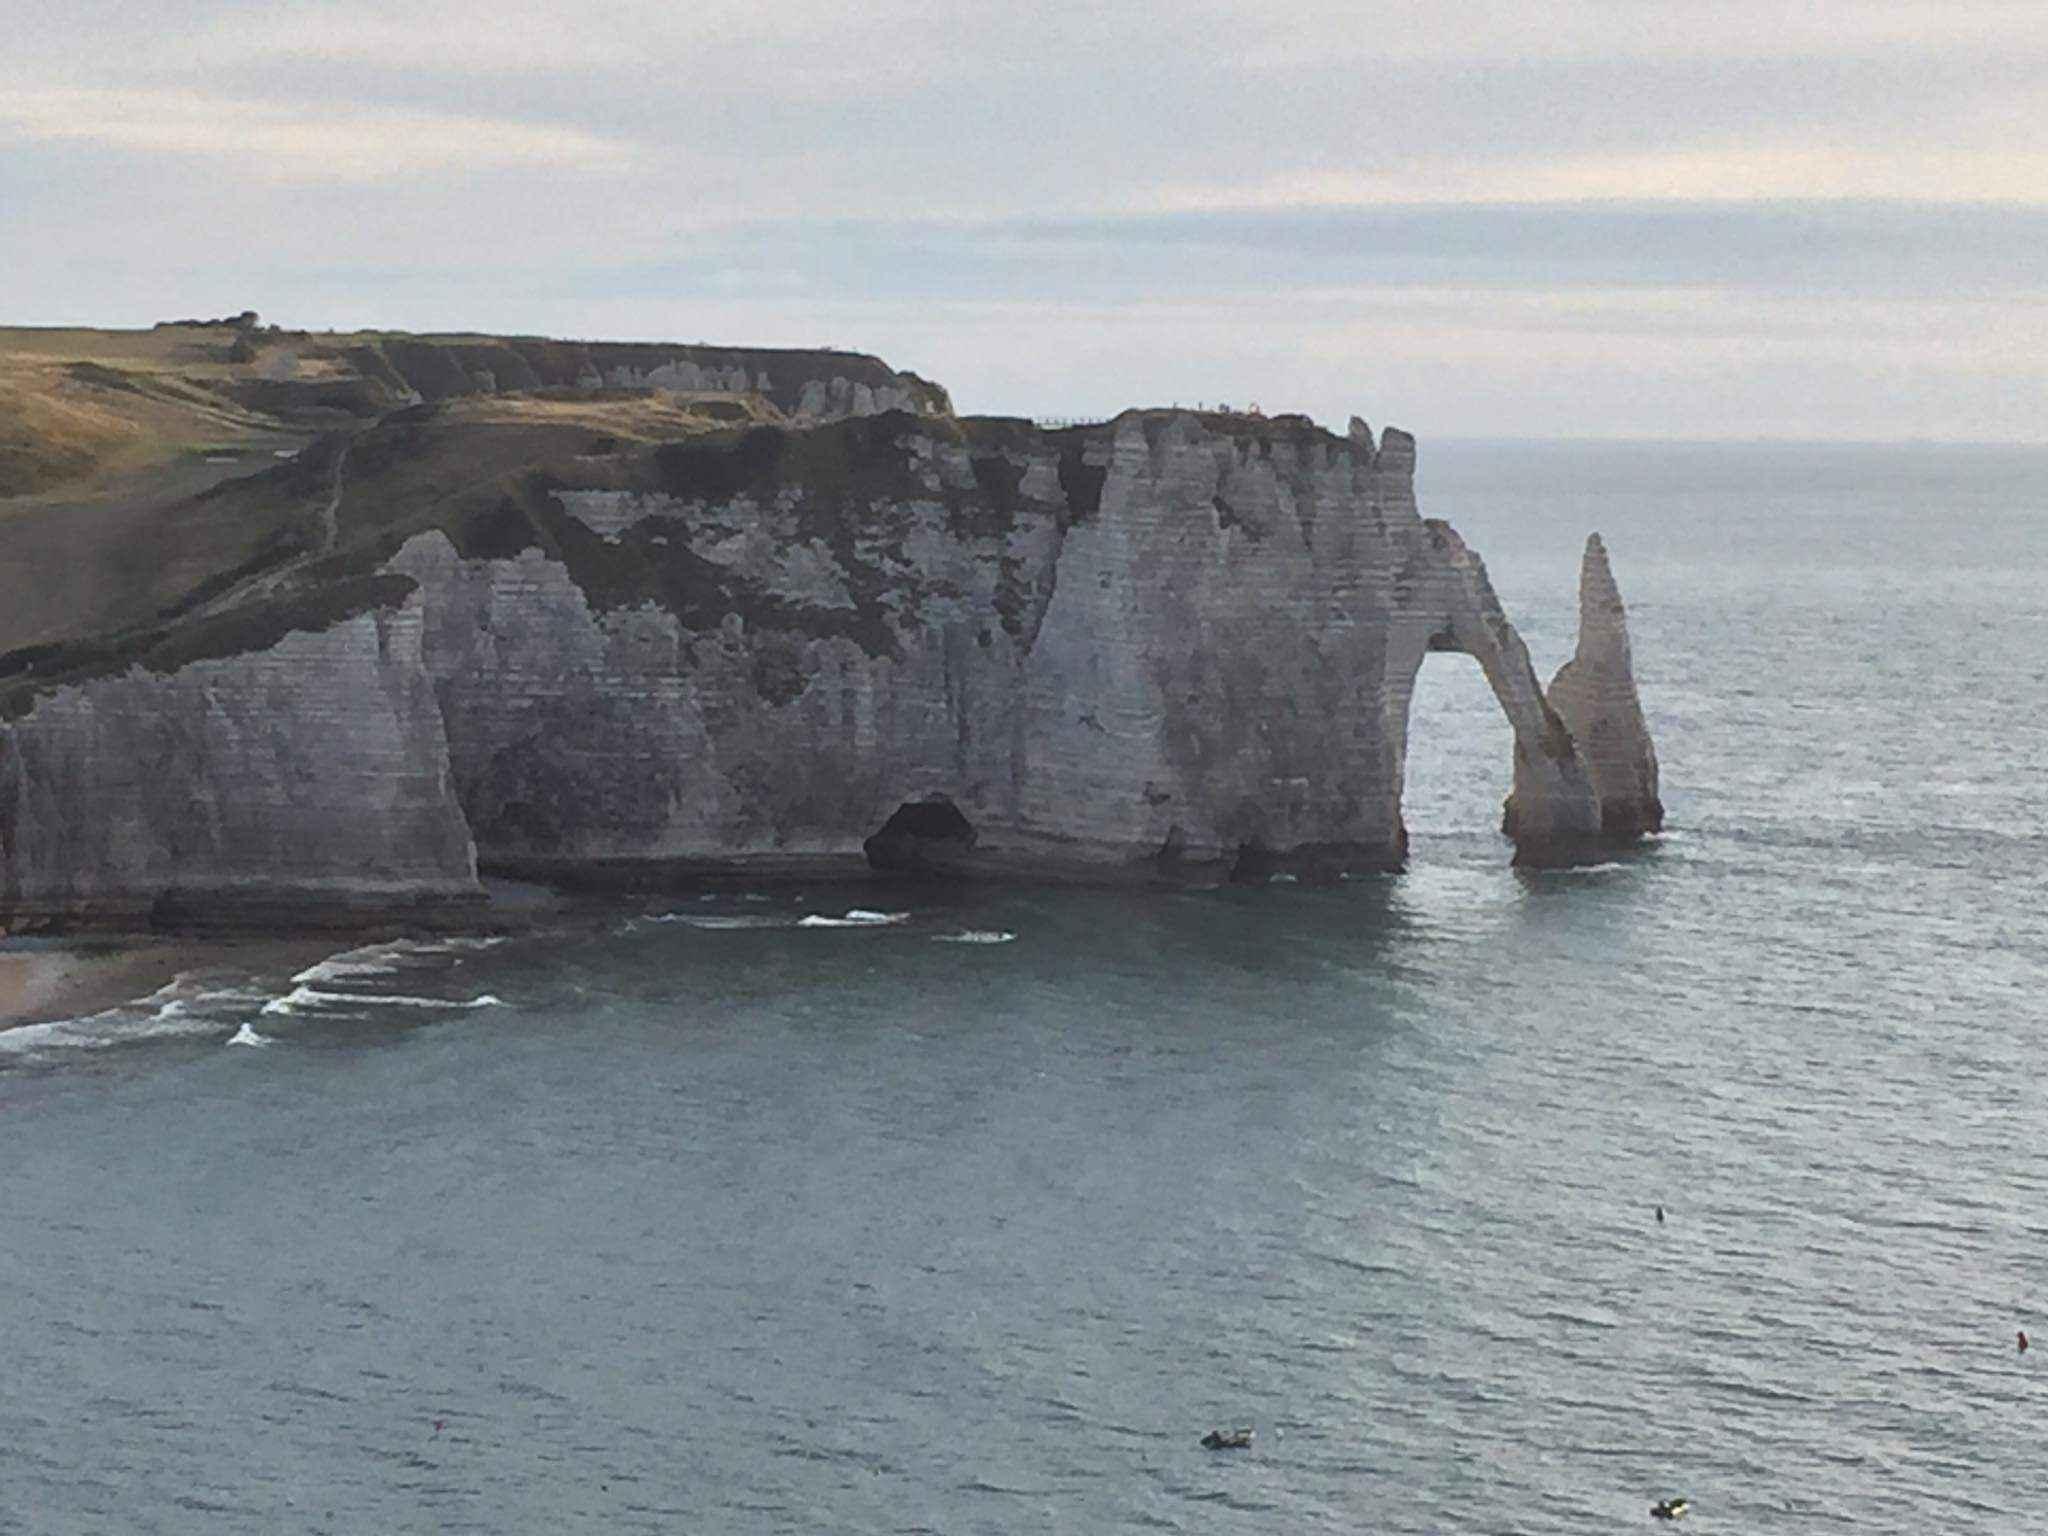 Baie de Somme aux sables d'Olonne (23)